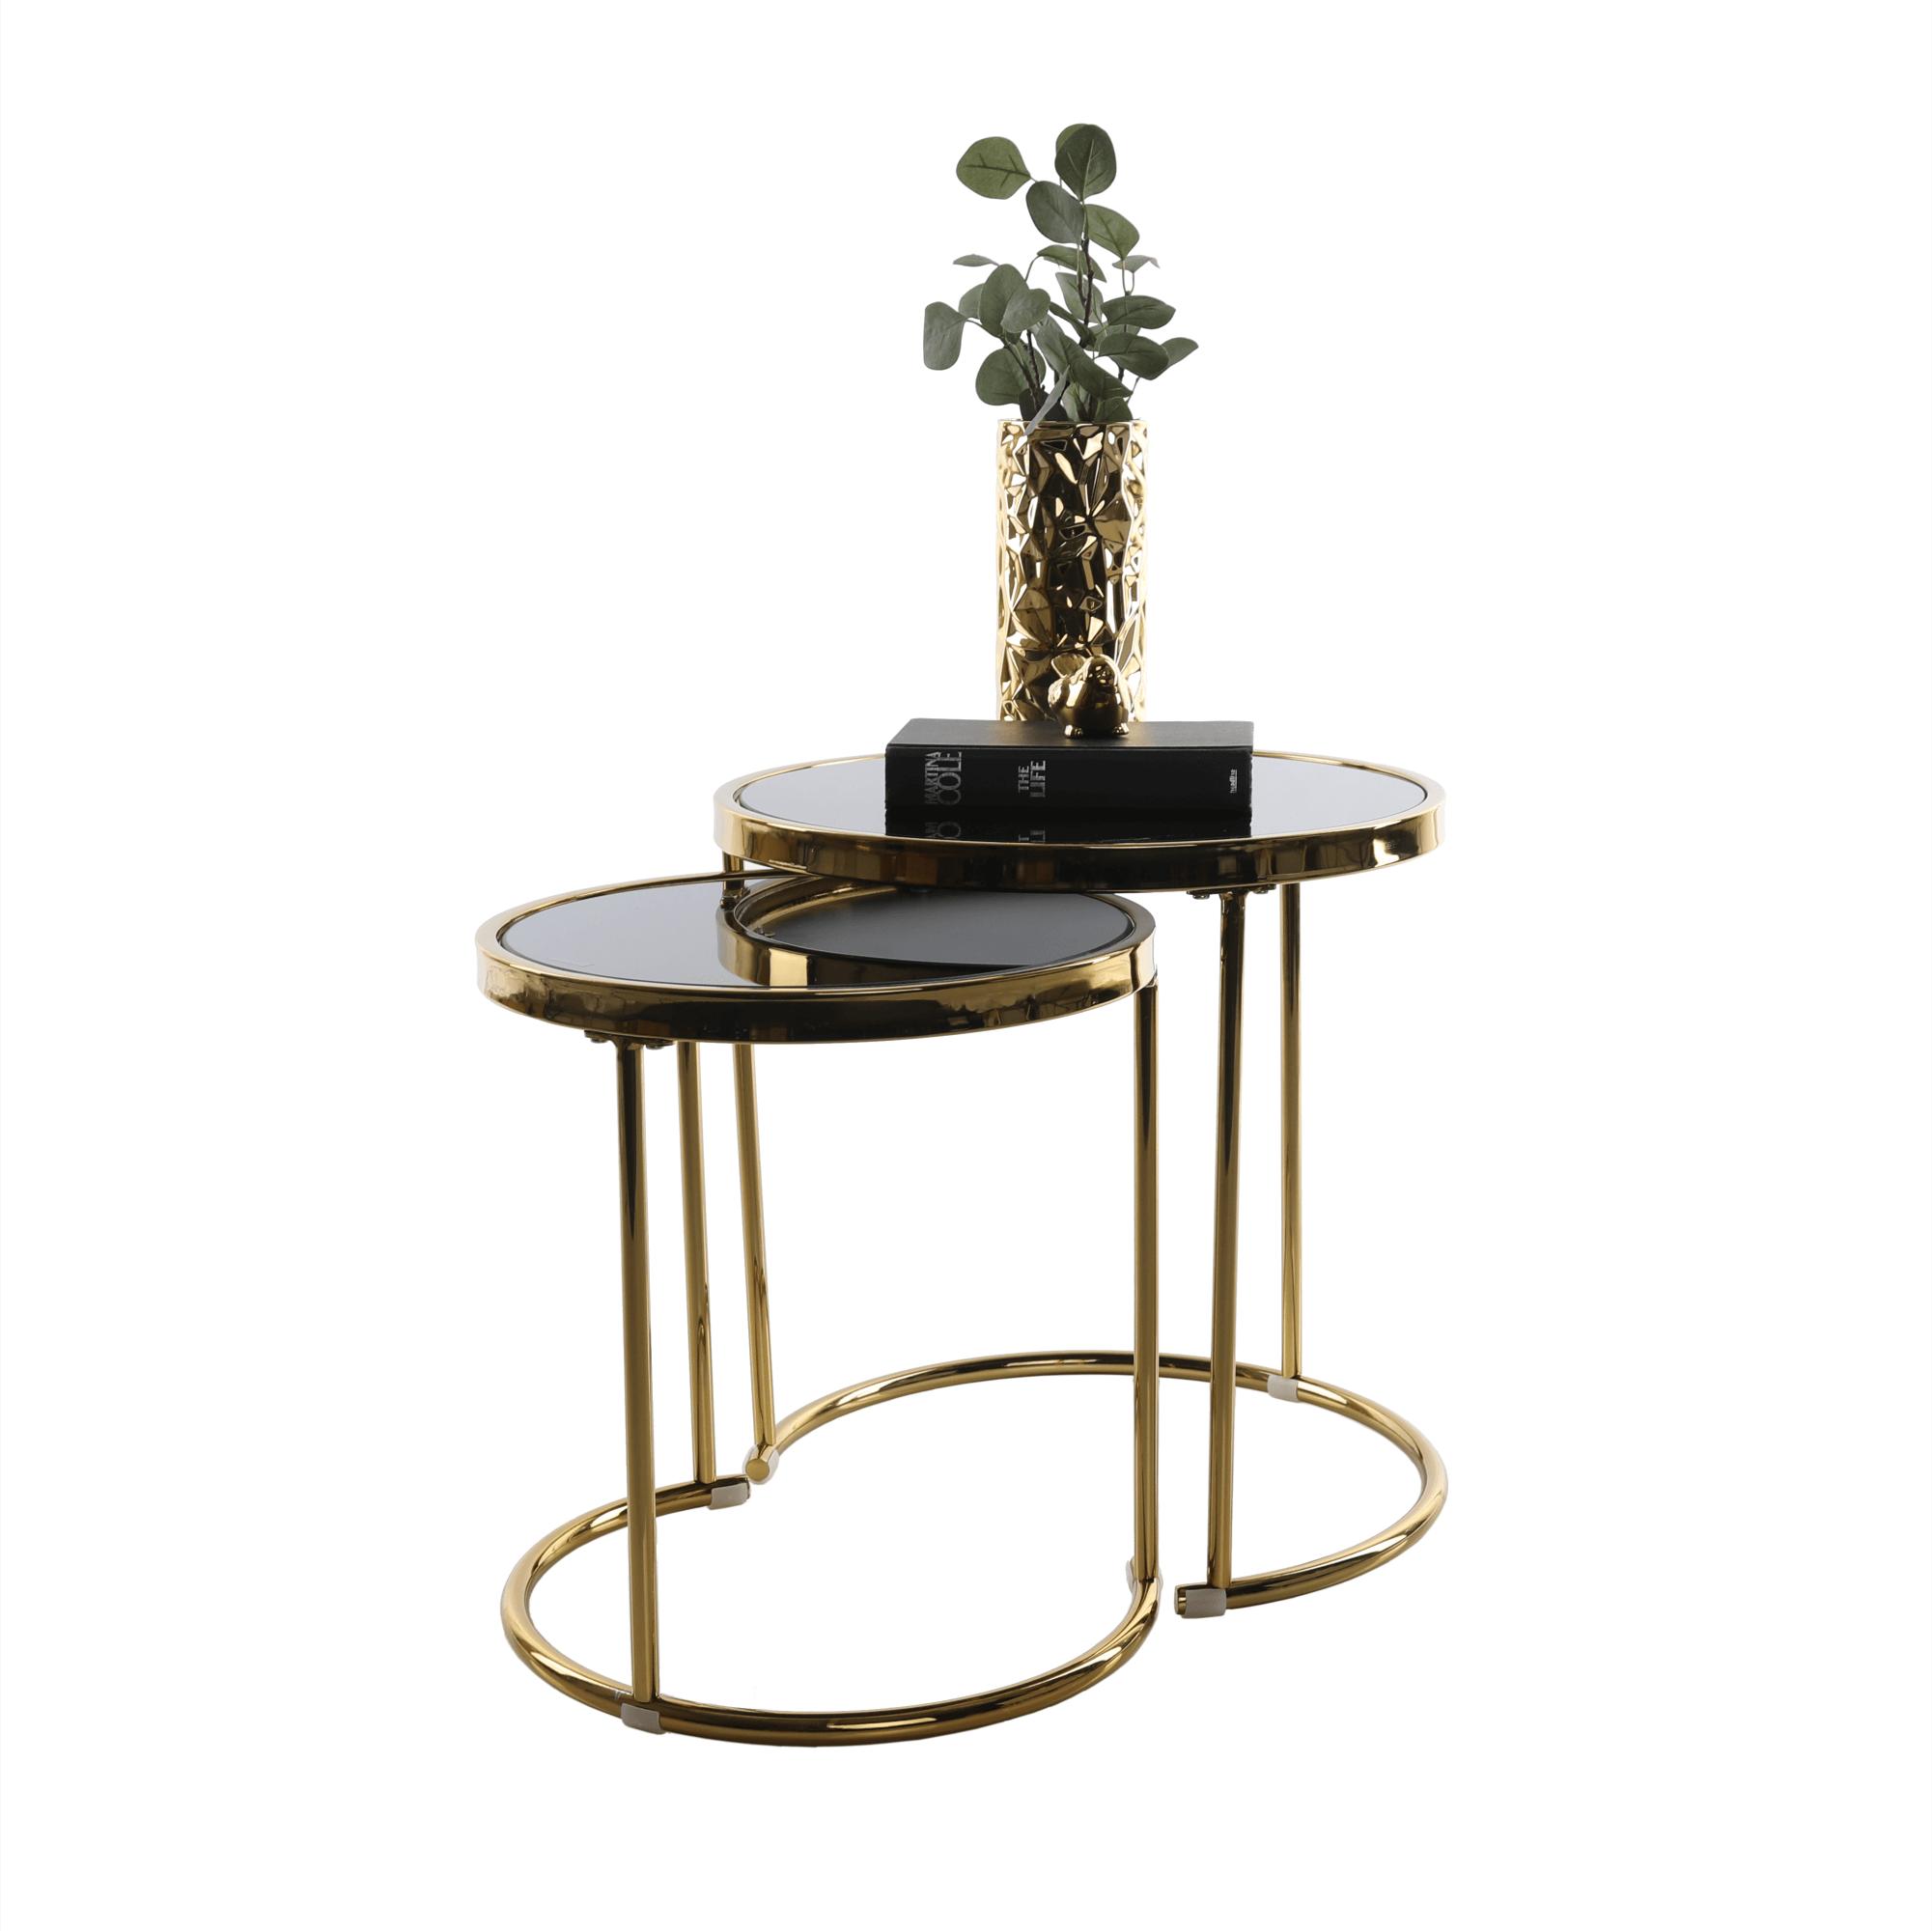 Konferenčné stolíky, set 2 ks, gold chróm zlatá/čierna, MORINO